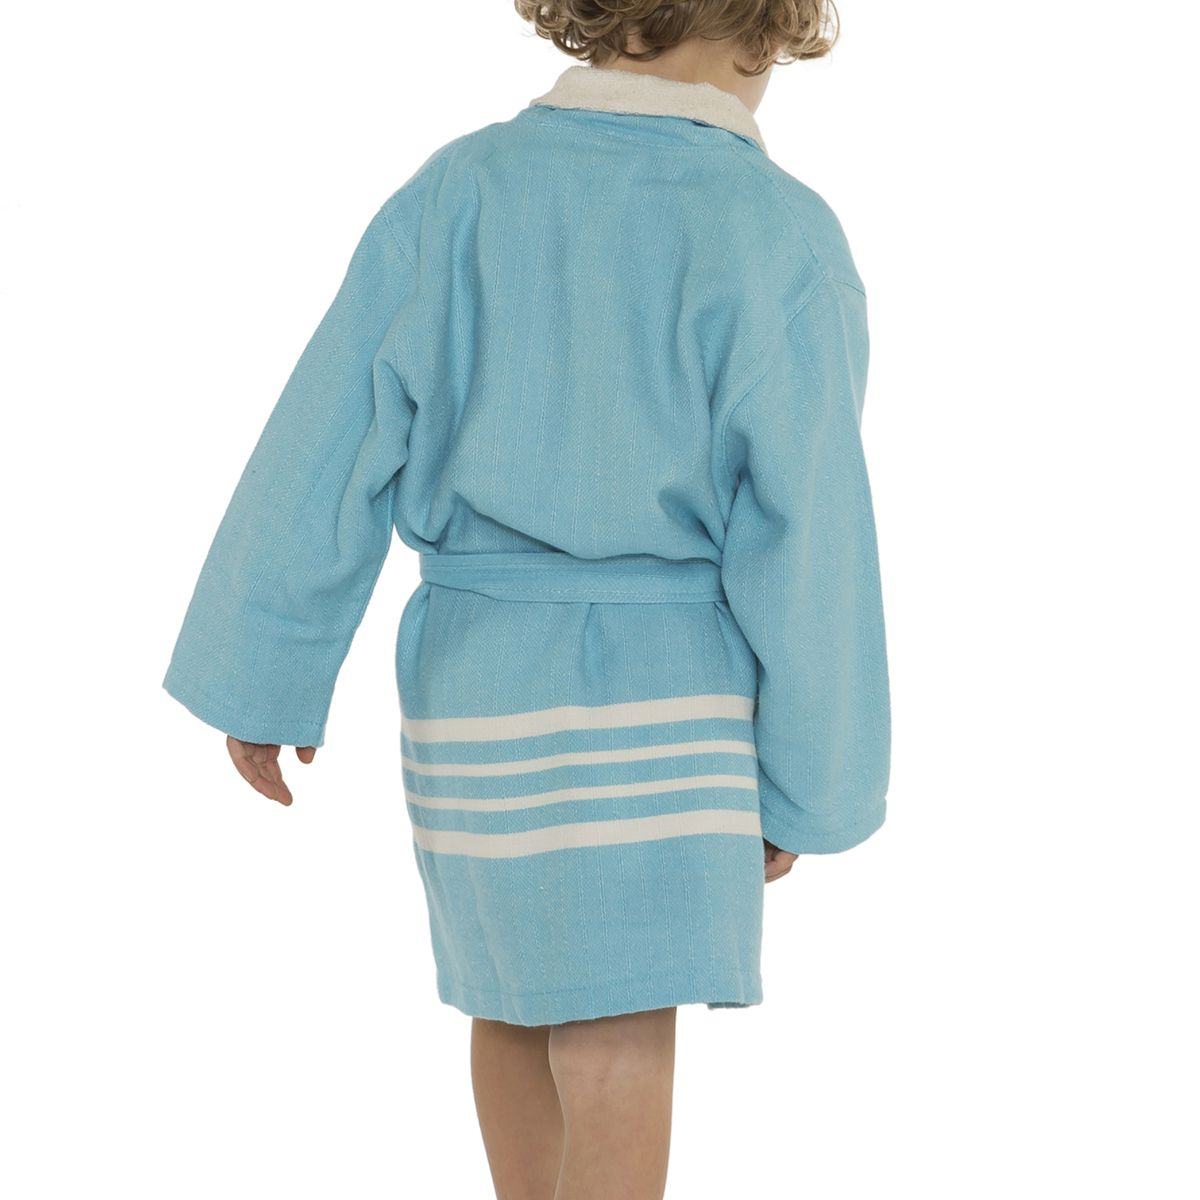 Bathrobe Kiddo Terry - Turquoise